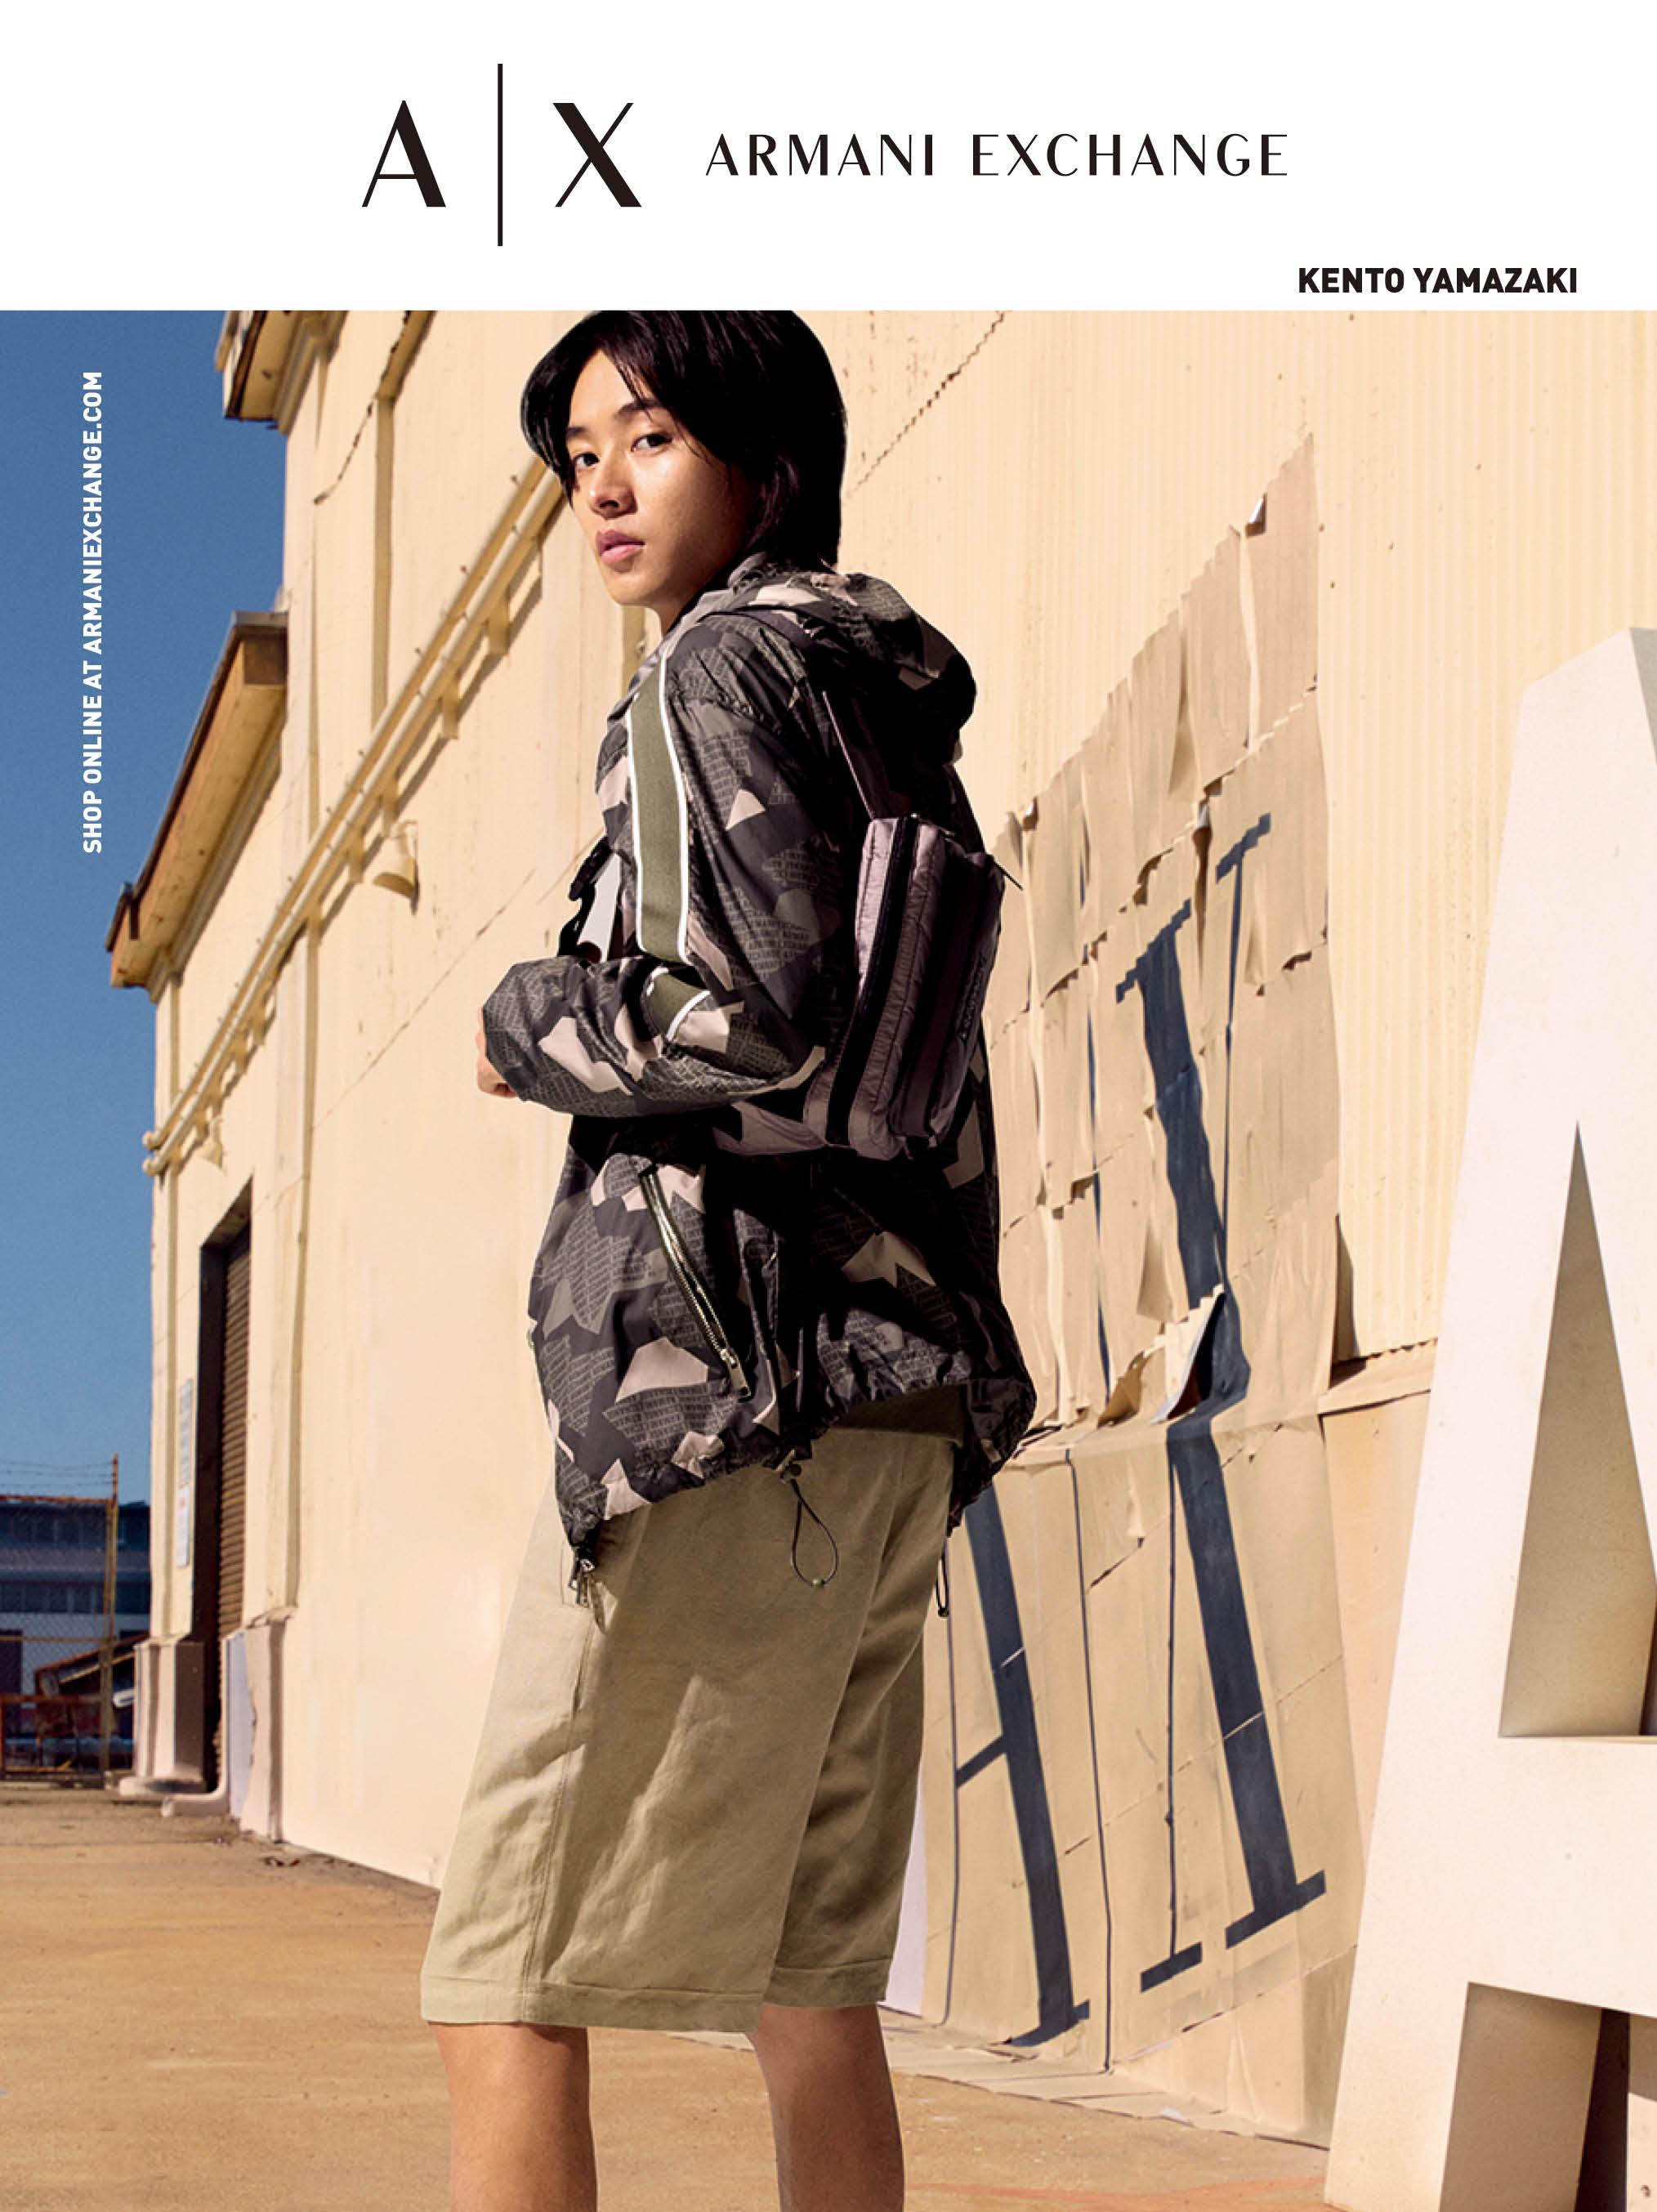 【速報】山﨑賢人さん最新ビジュアル公開♡ 『A|X アルマーニ エクスチェンジ』の夏はスポーティに_1